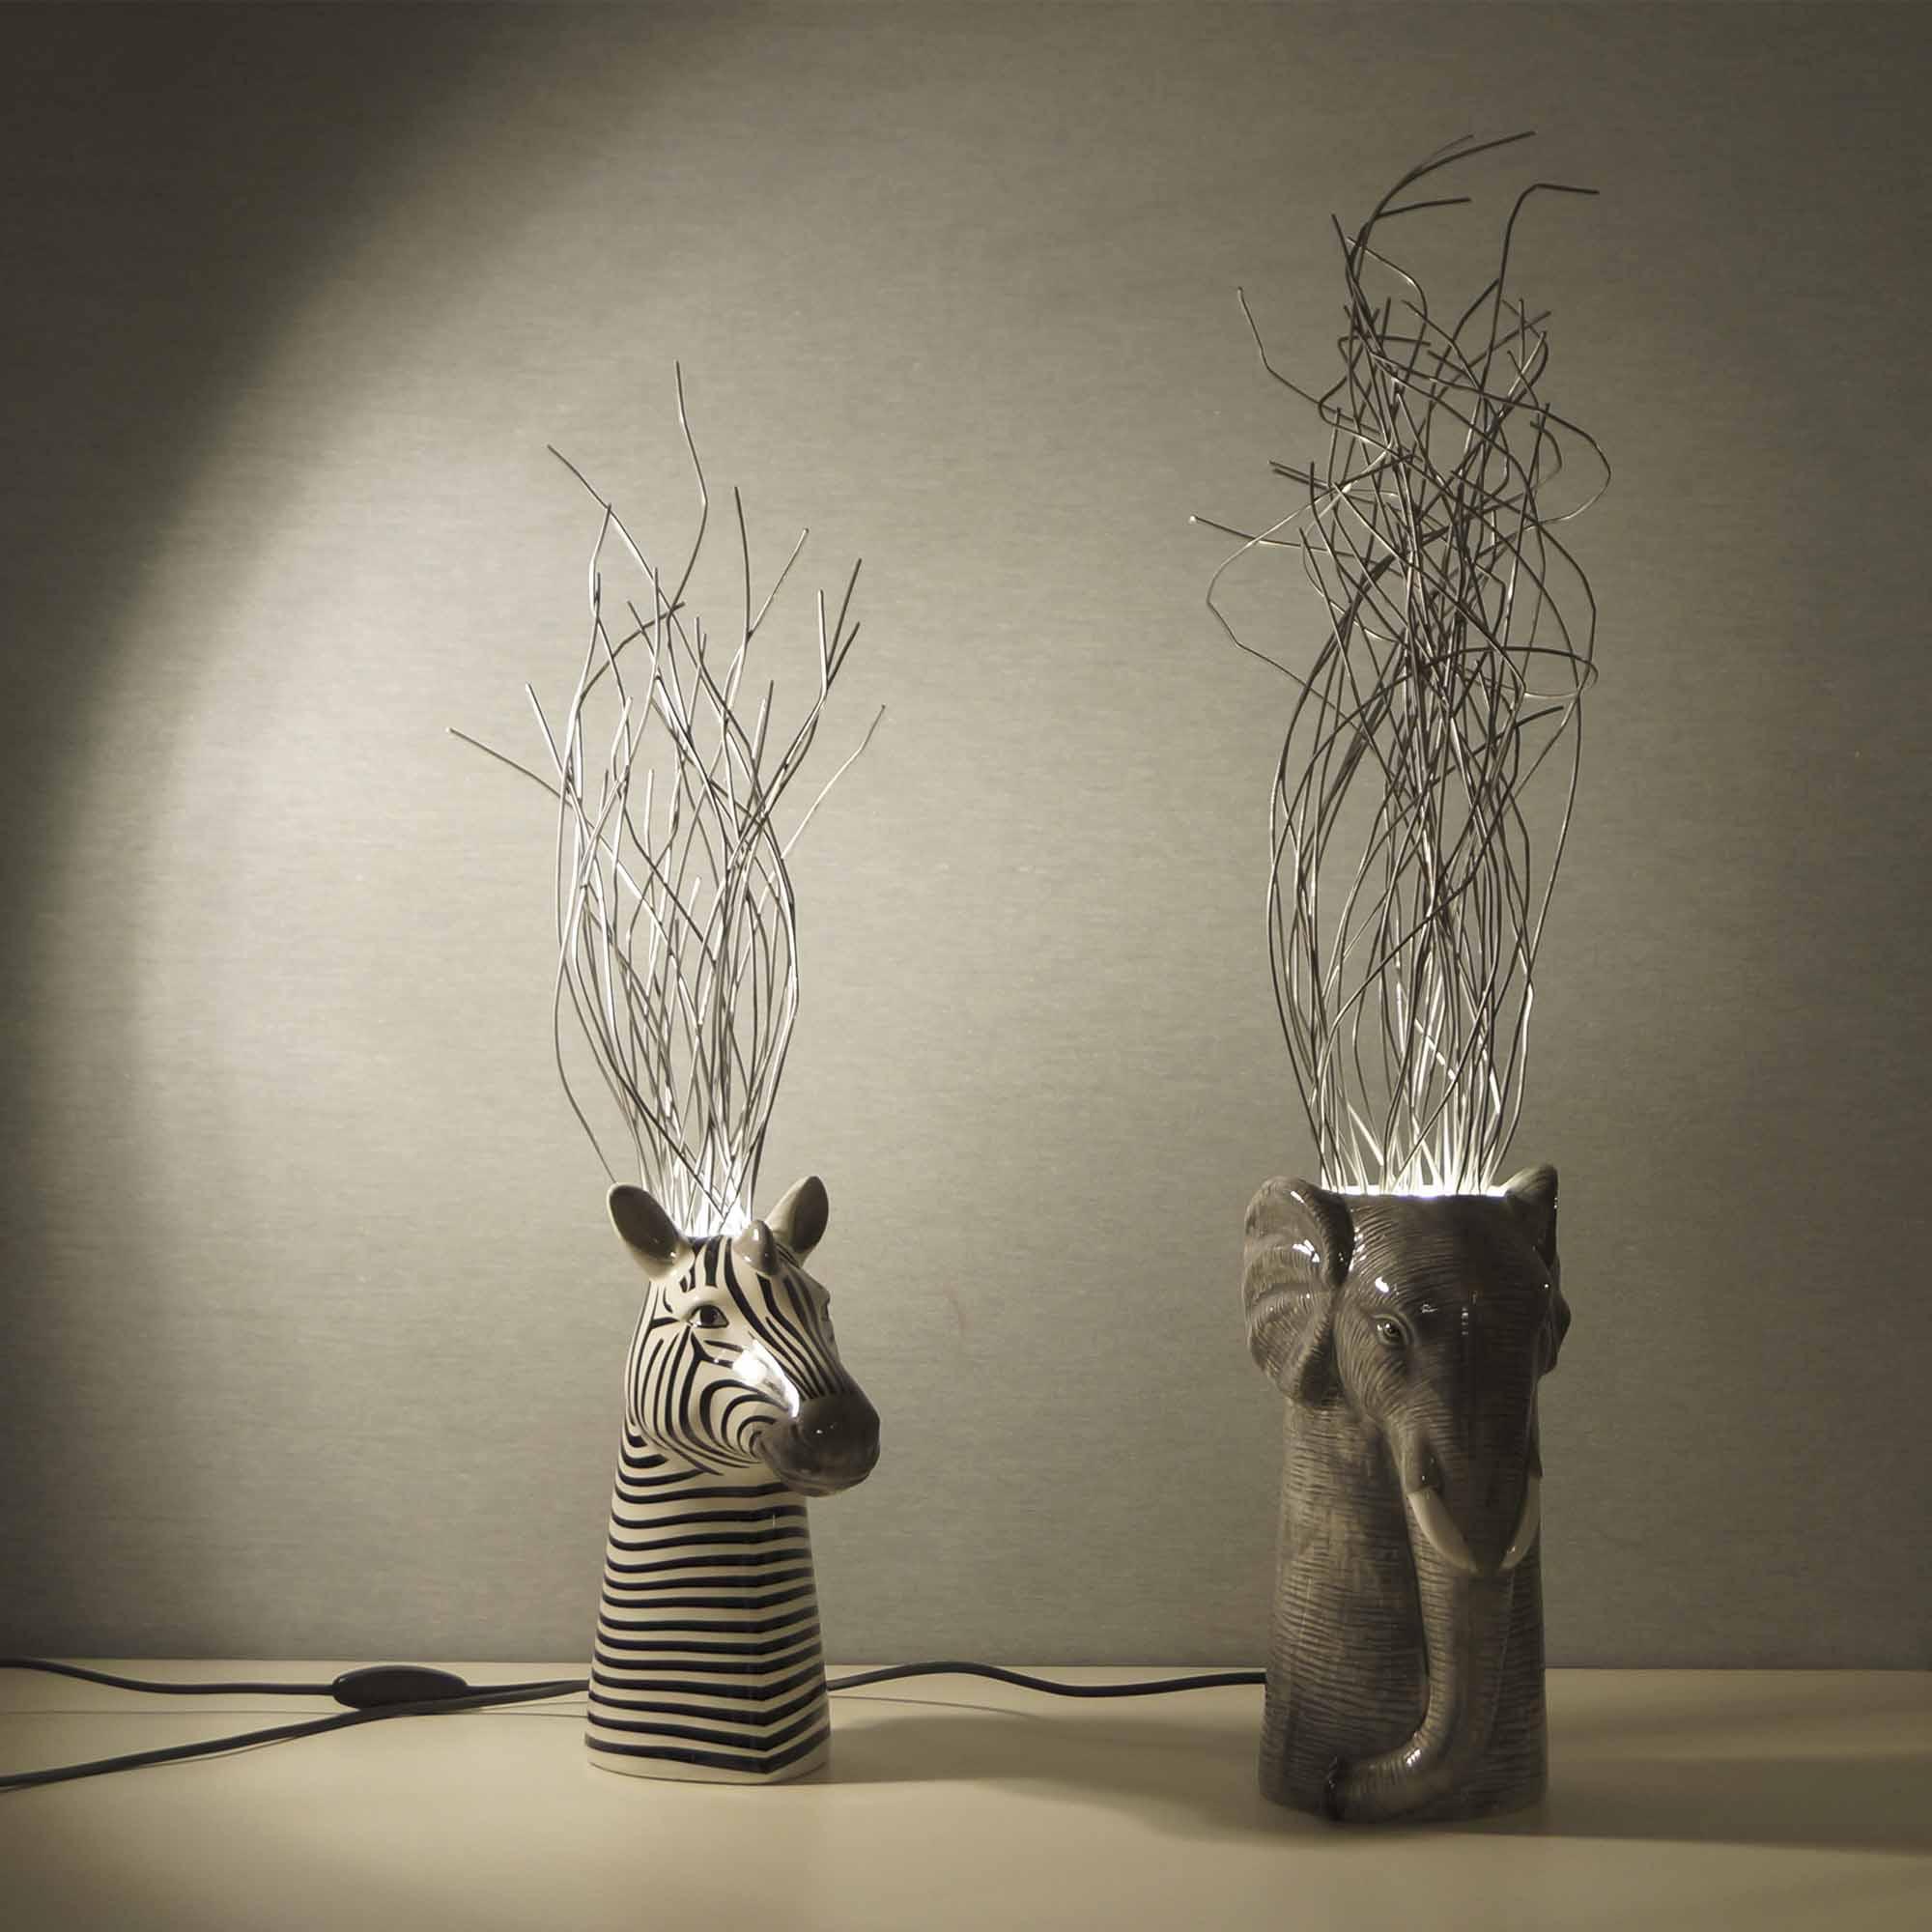 Lampada animali con fili di metallo